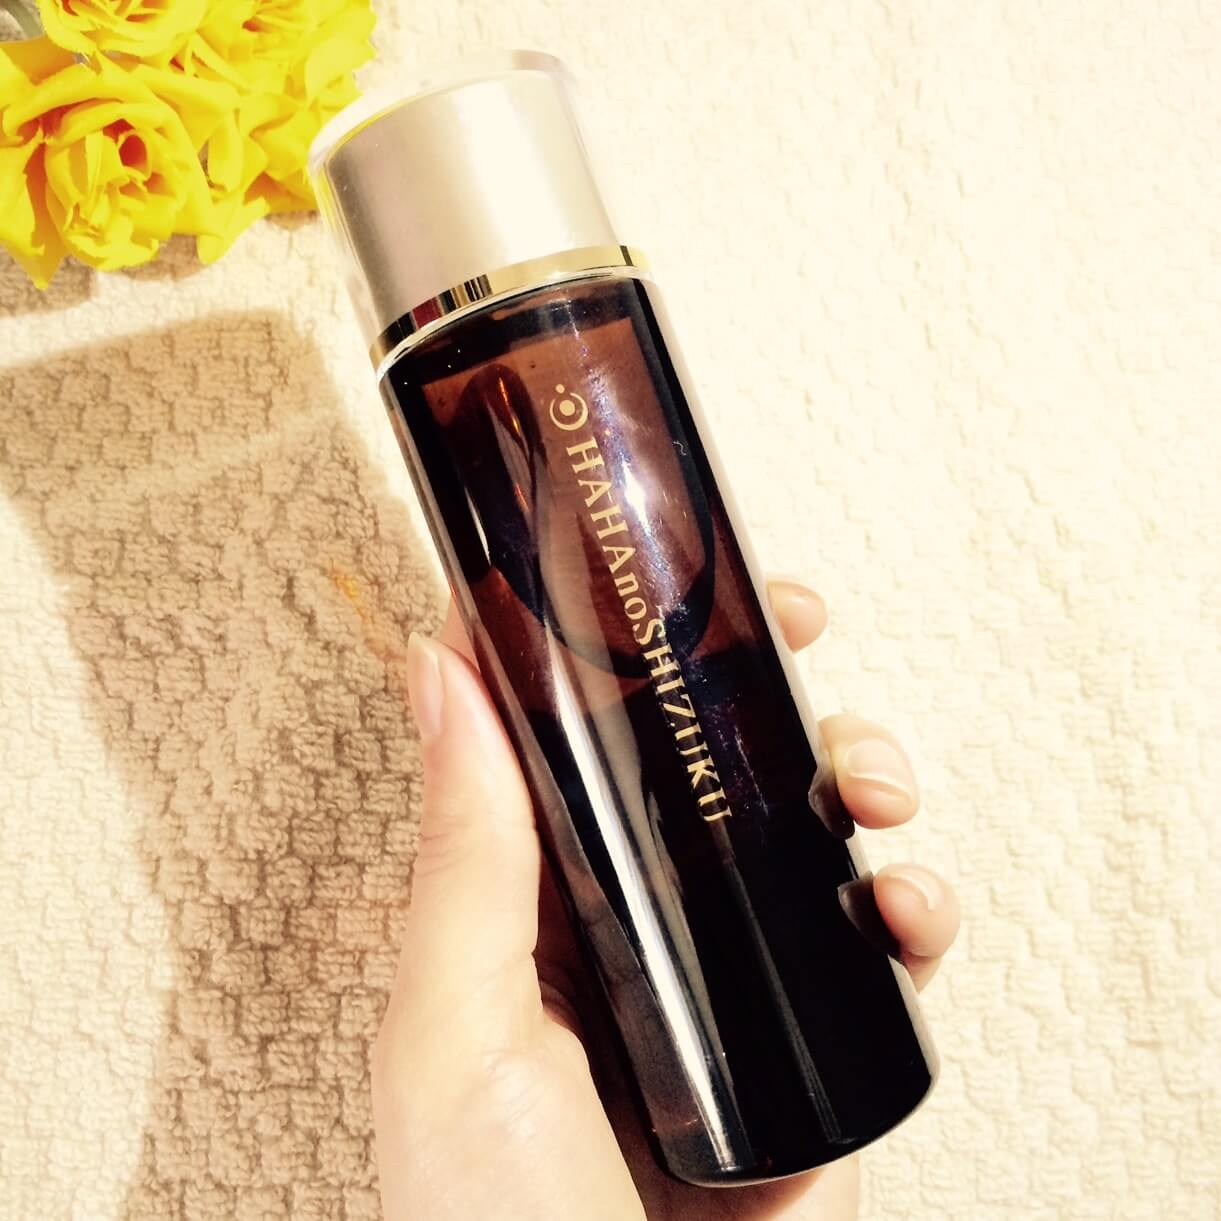 HAHAnoSHIZUKU (母の滴) 化粧水の画像